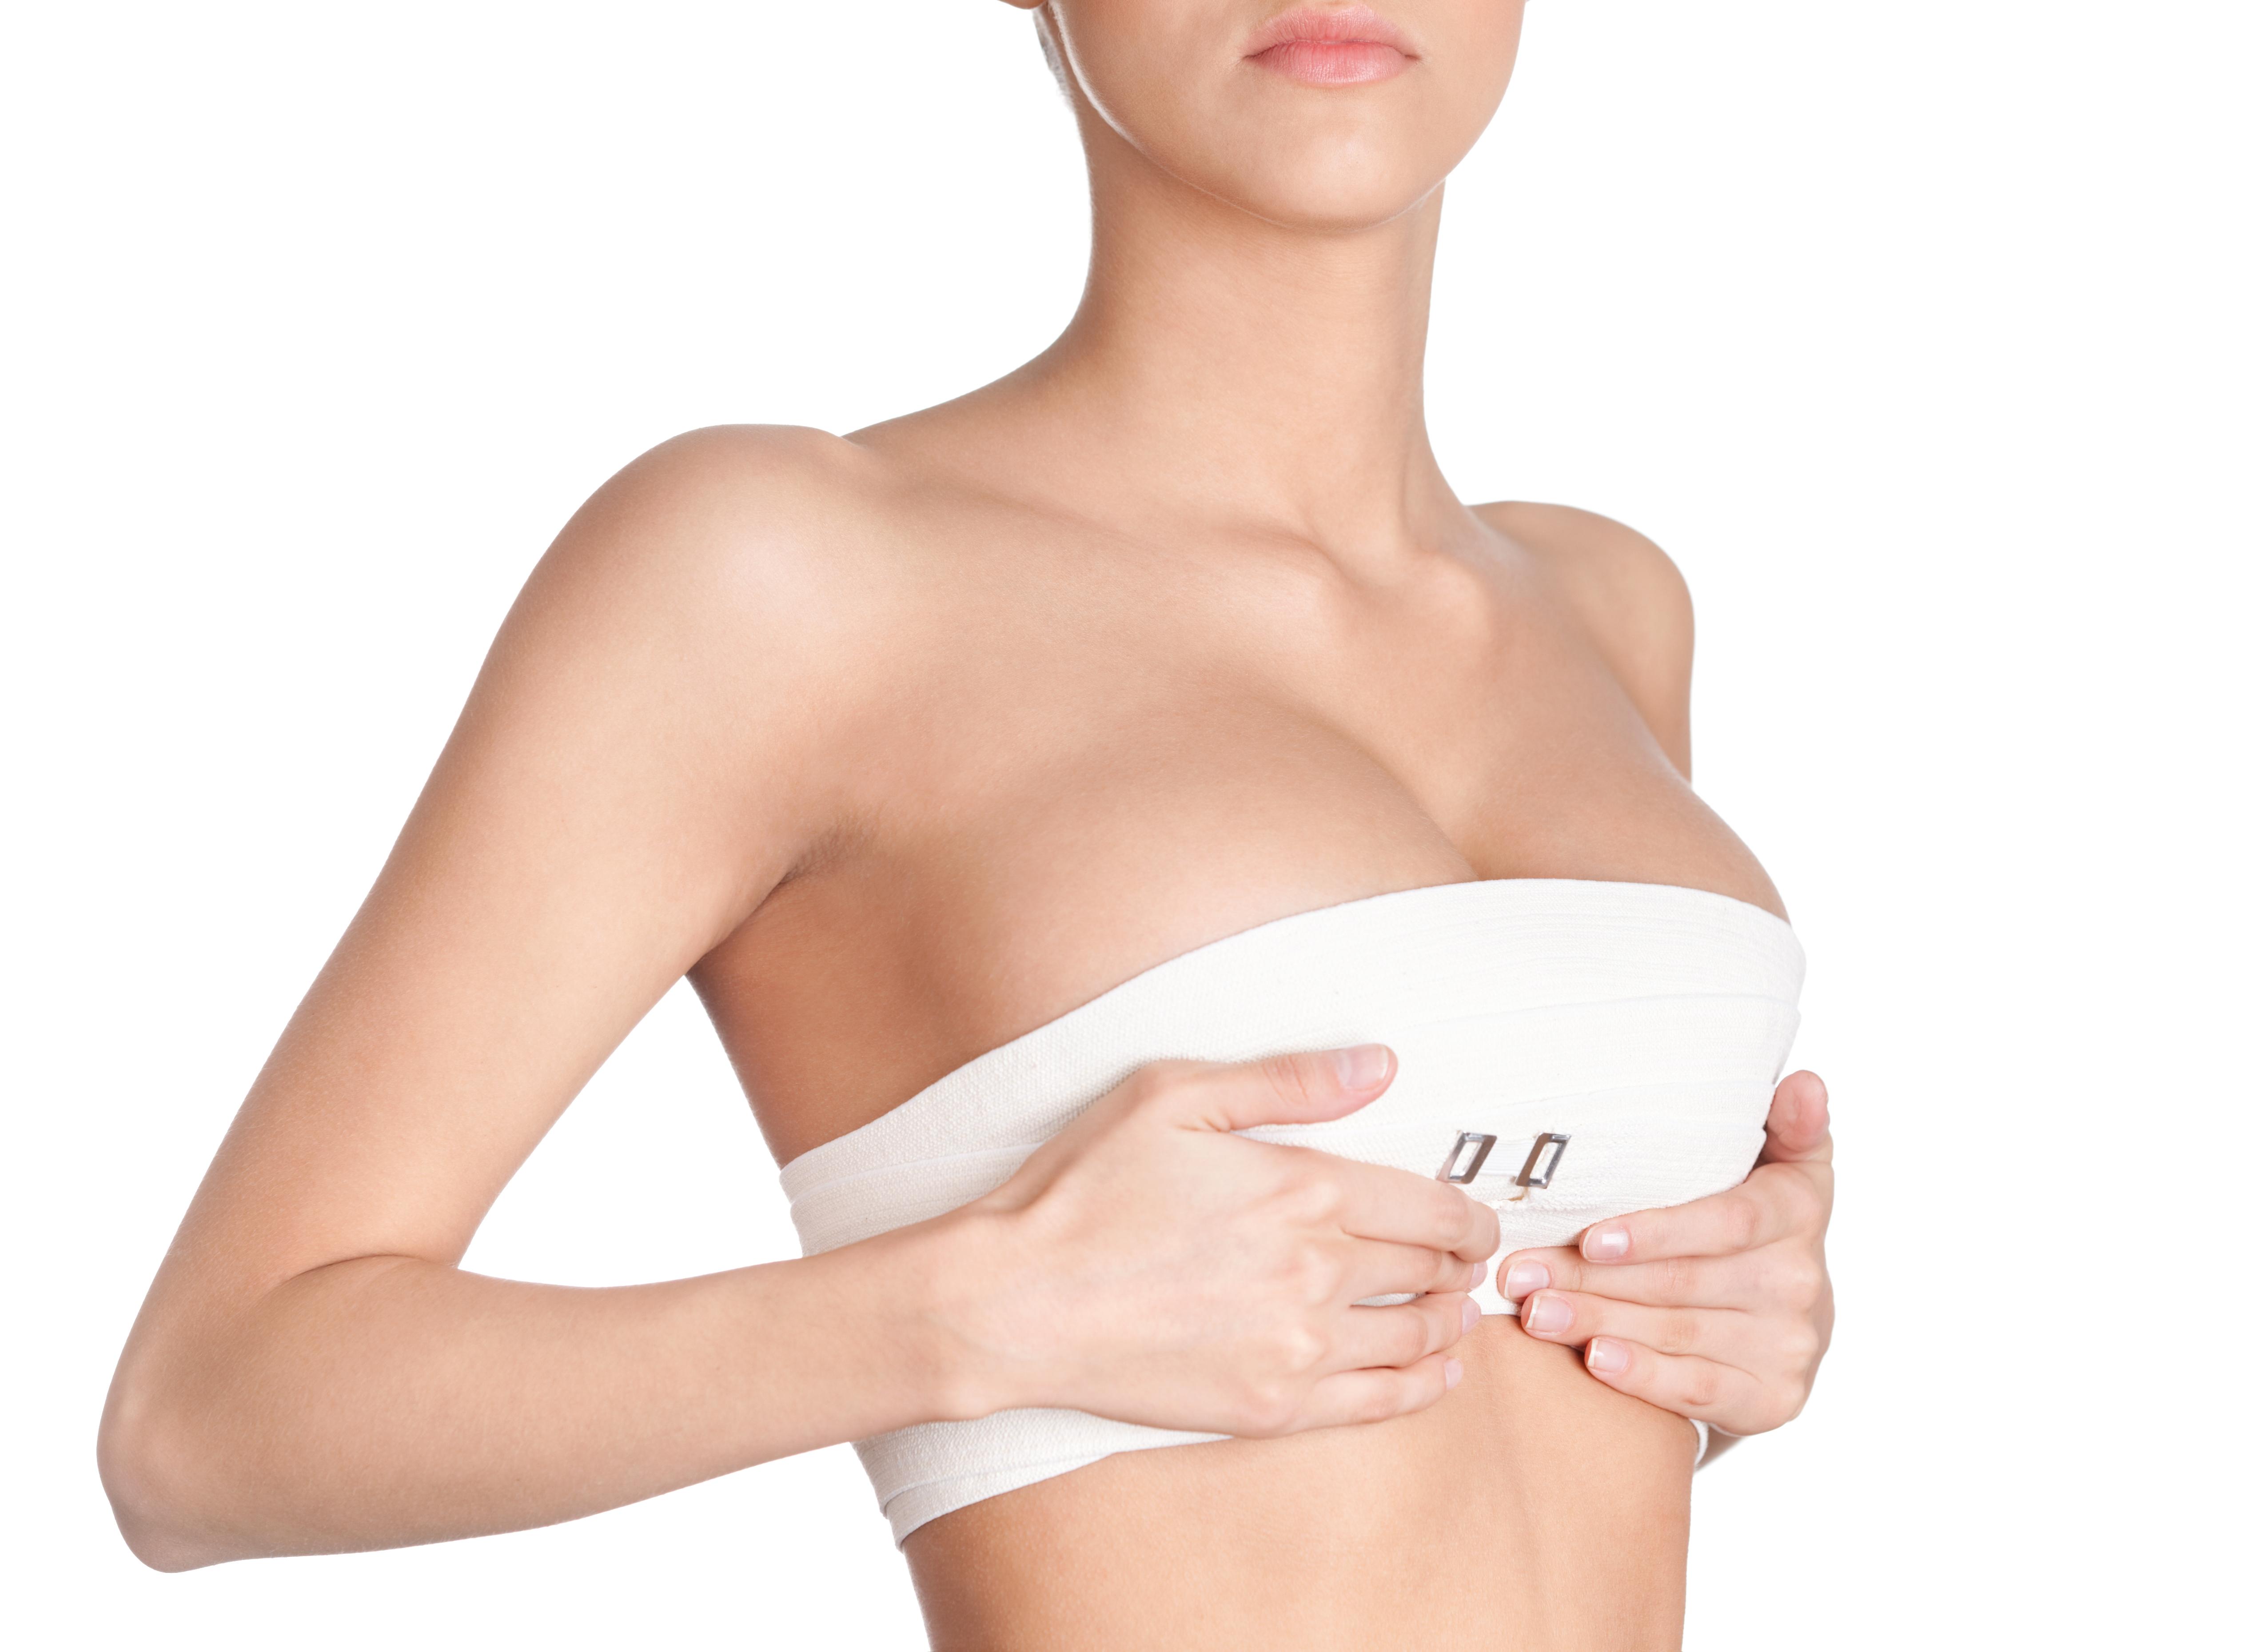 fogyhatok a mellnagyobbítás után bivirkninger av zsírégetők